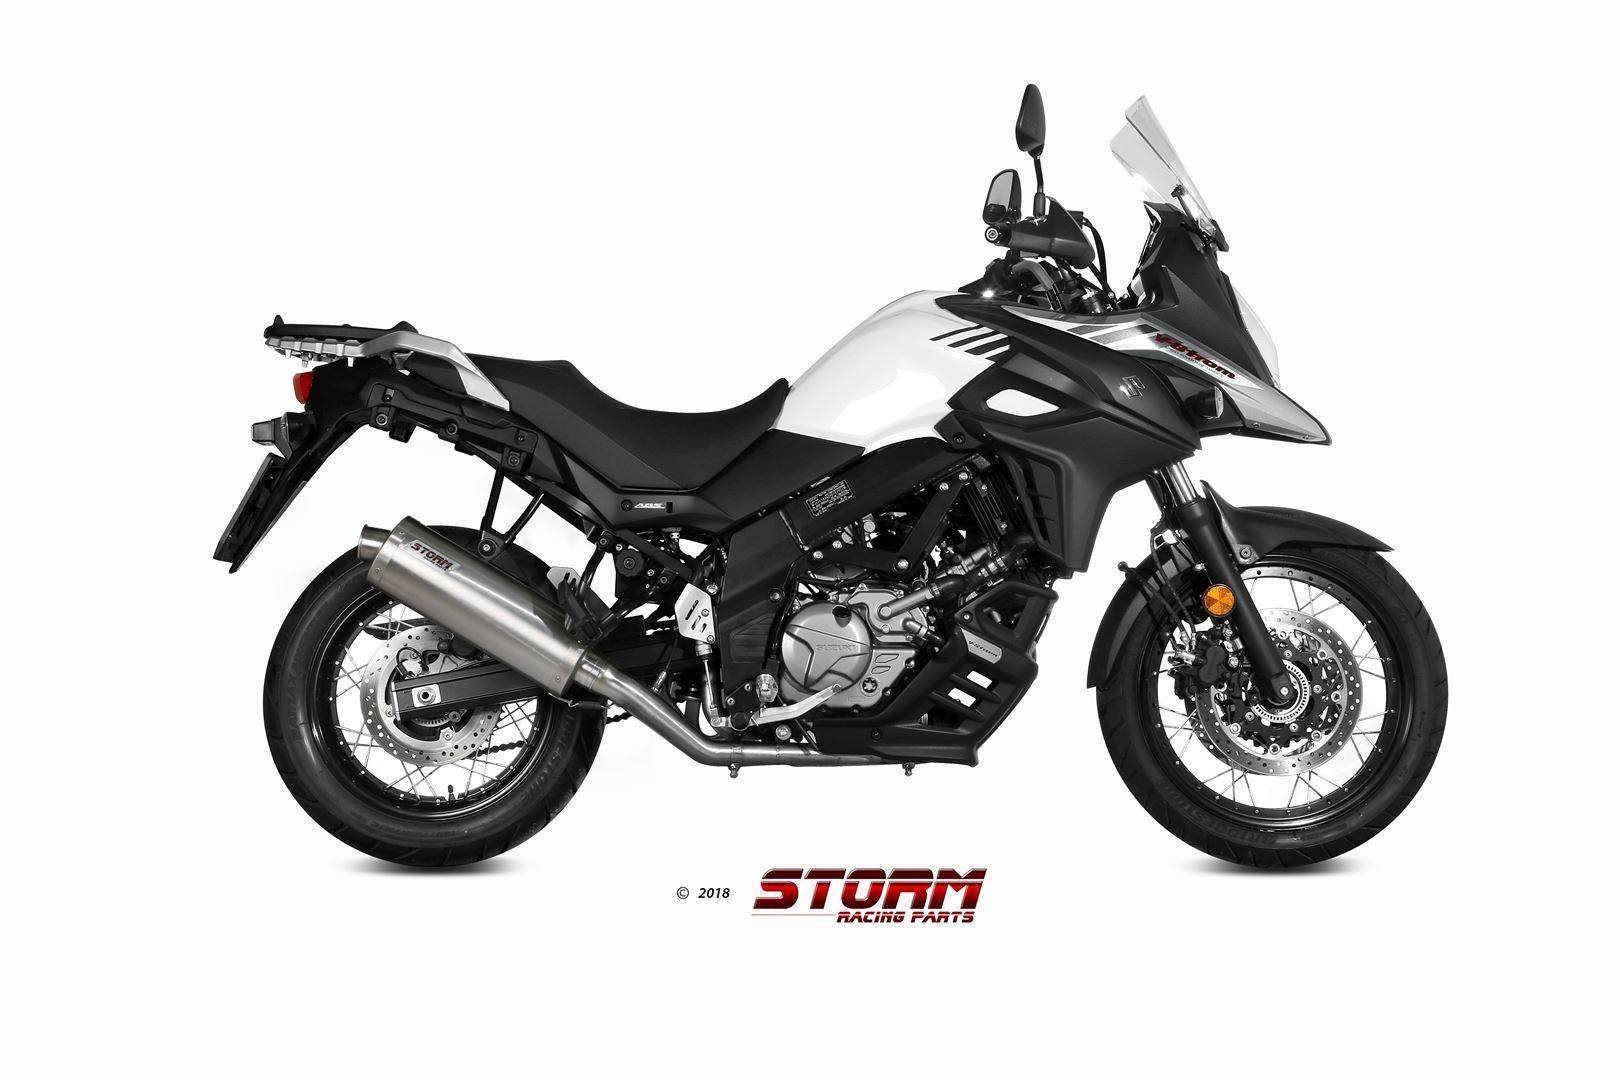 Suzuki_VStrom650_2017-_74S049LX2_$01